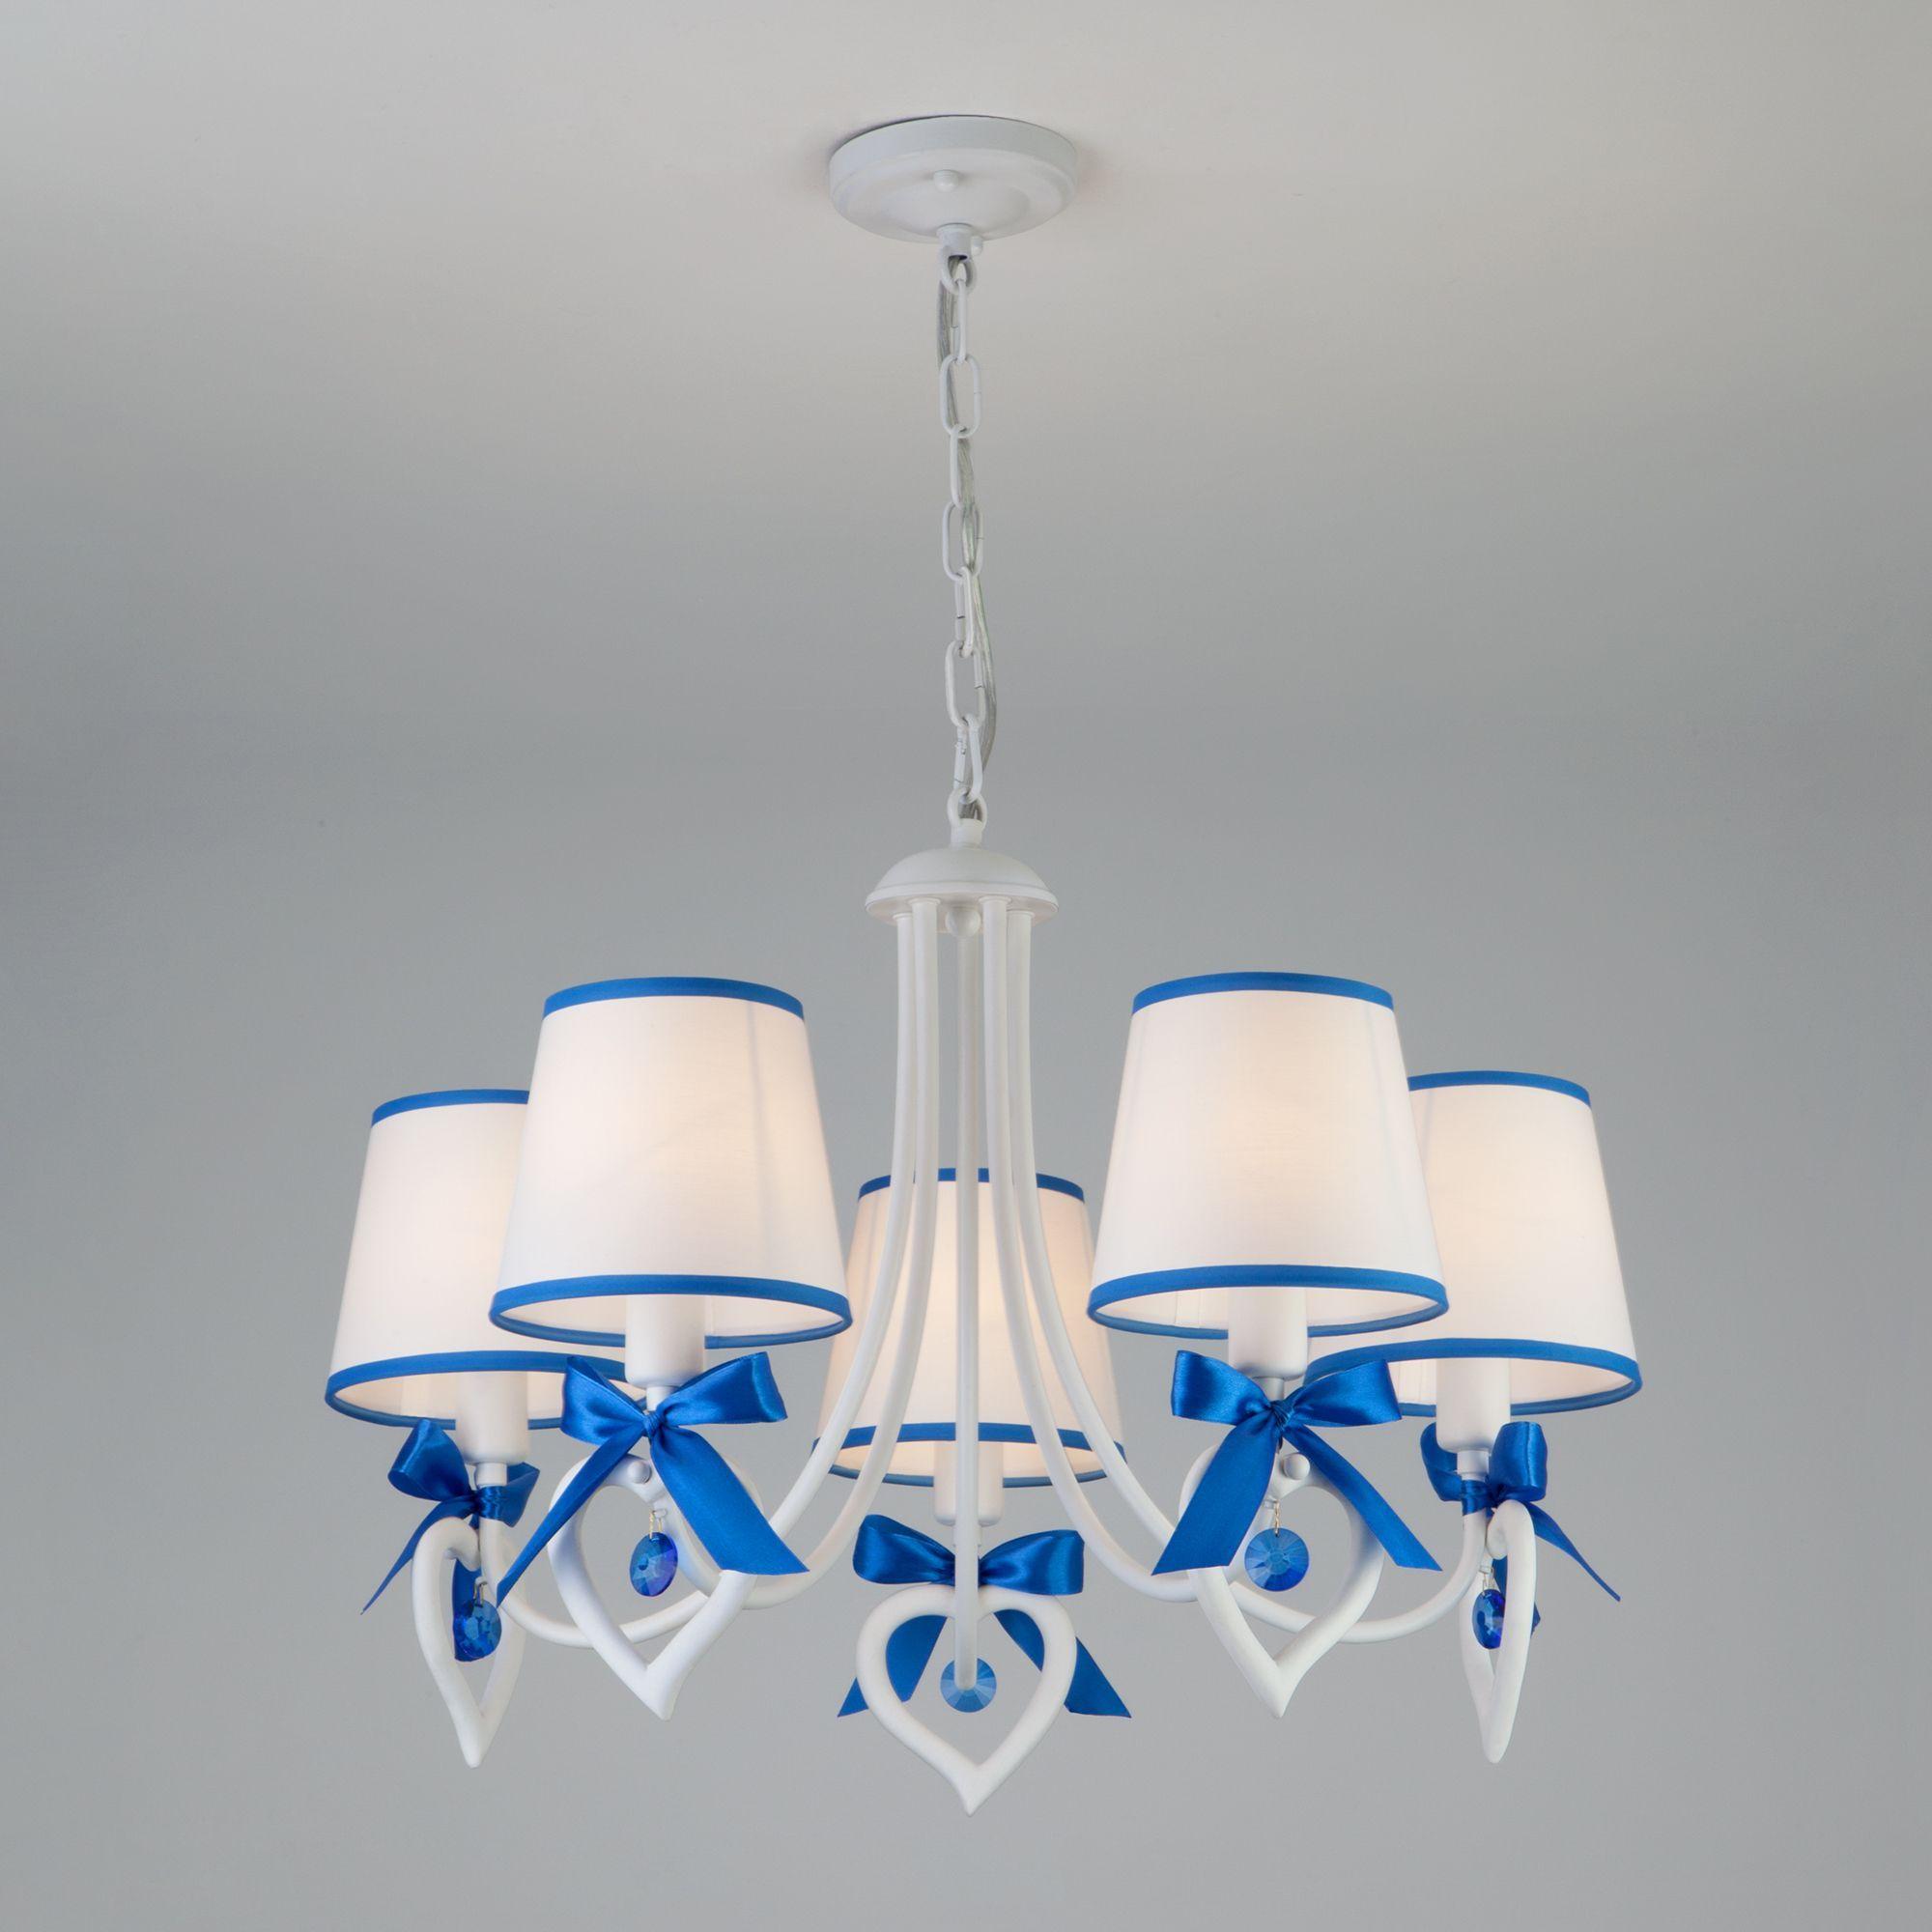 Подвесная люстра с хрустальным декором 60066/5 белый/синий